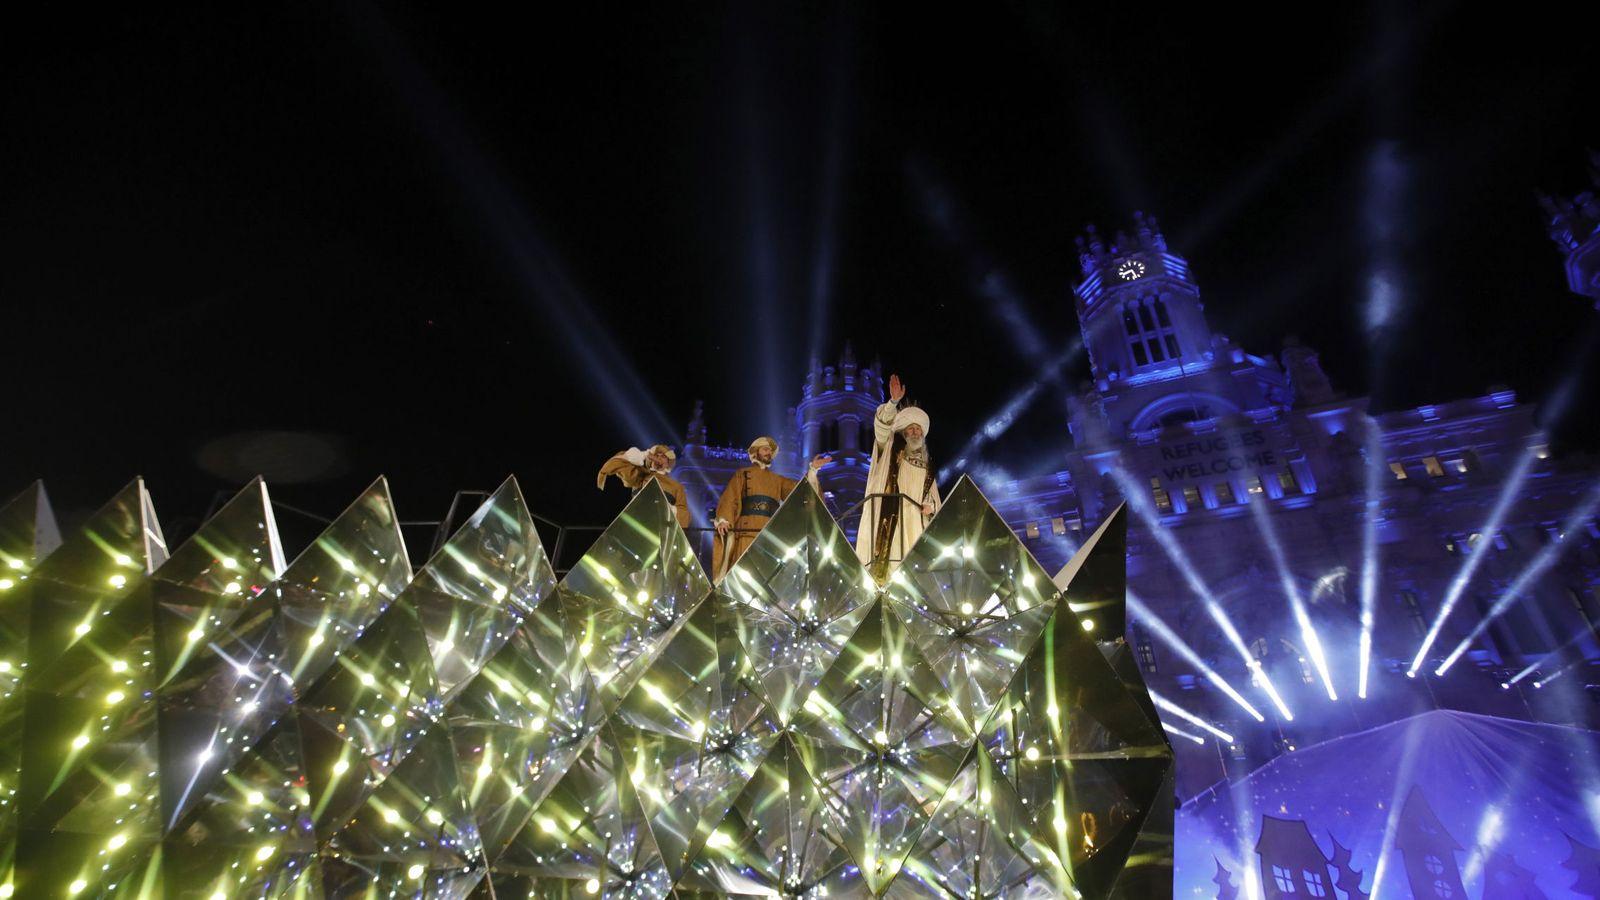 Foto: La carroza del rey Melchor, a su llegada a la plaza de Cibeles donde finalizó la cabalgata de Reyes en Madrid el pasado año. (EFE)